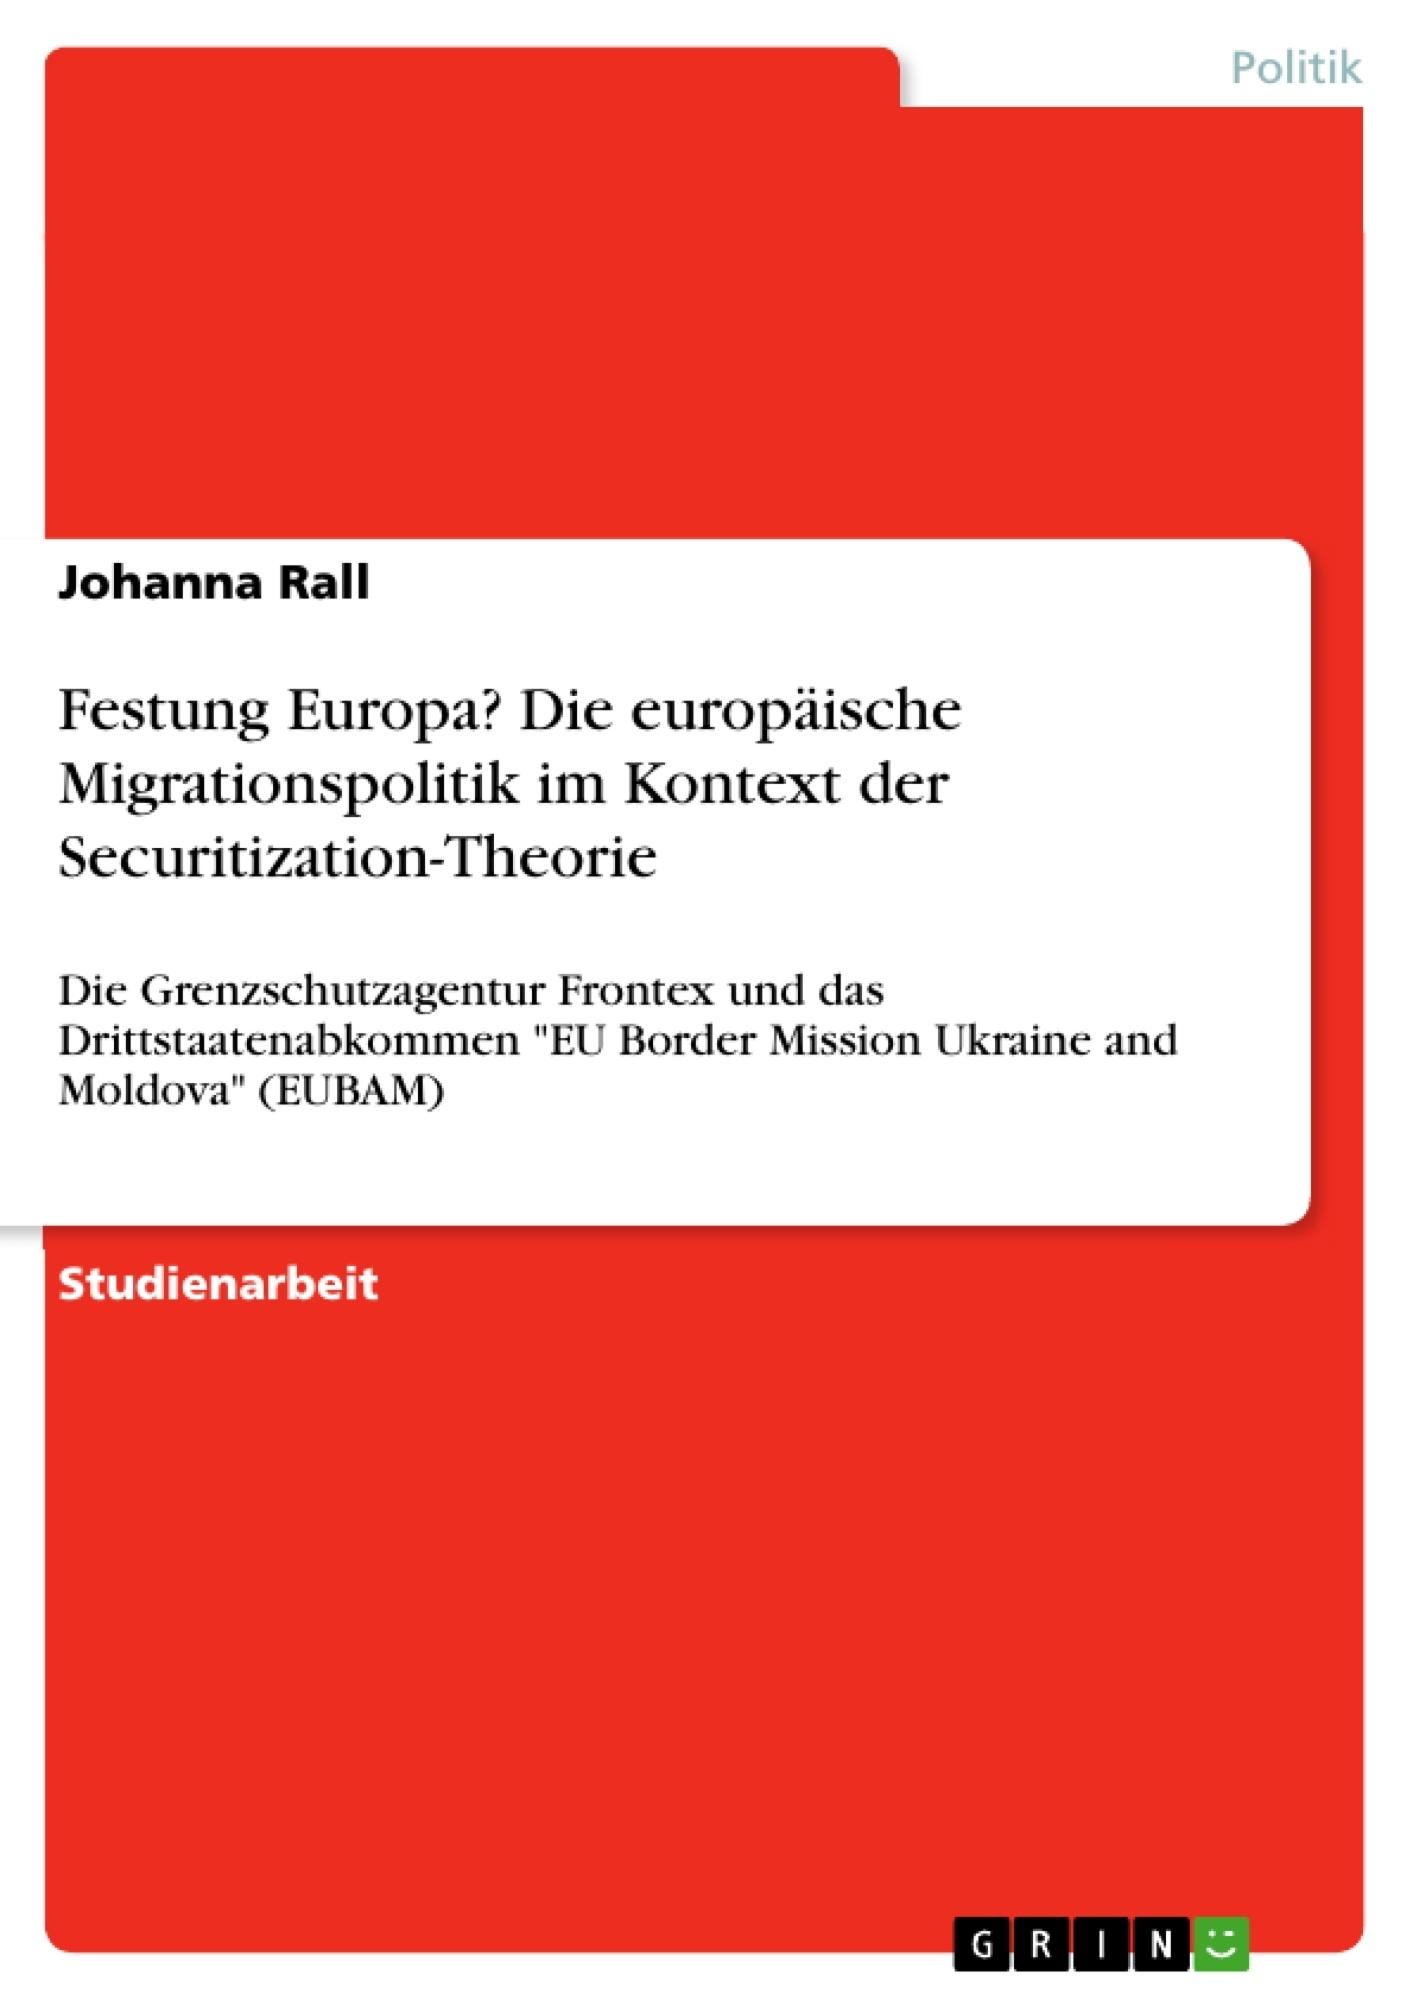 Titel: Festung Europa? Die europäische Migrationspolitik im Kontext der Securitization-Theorie